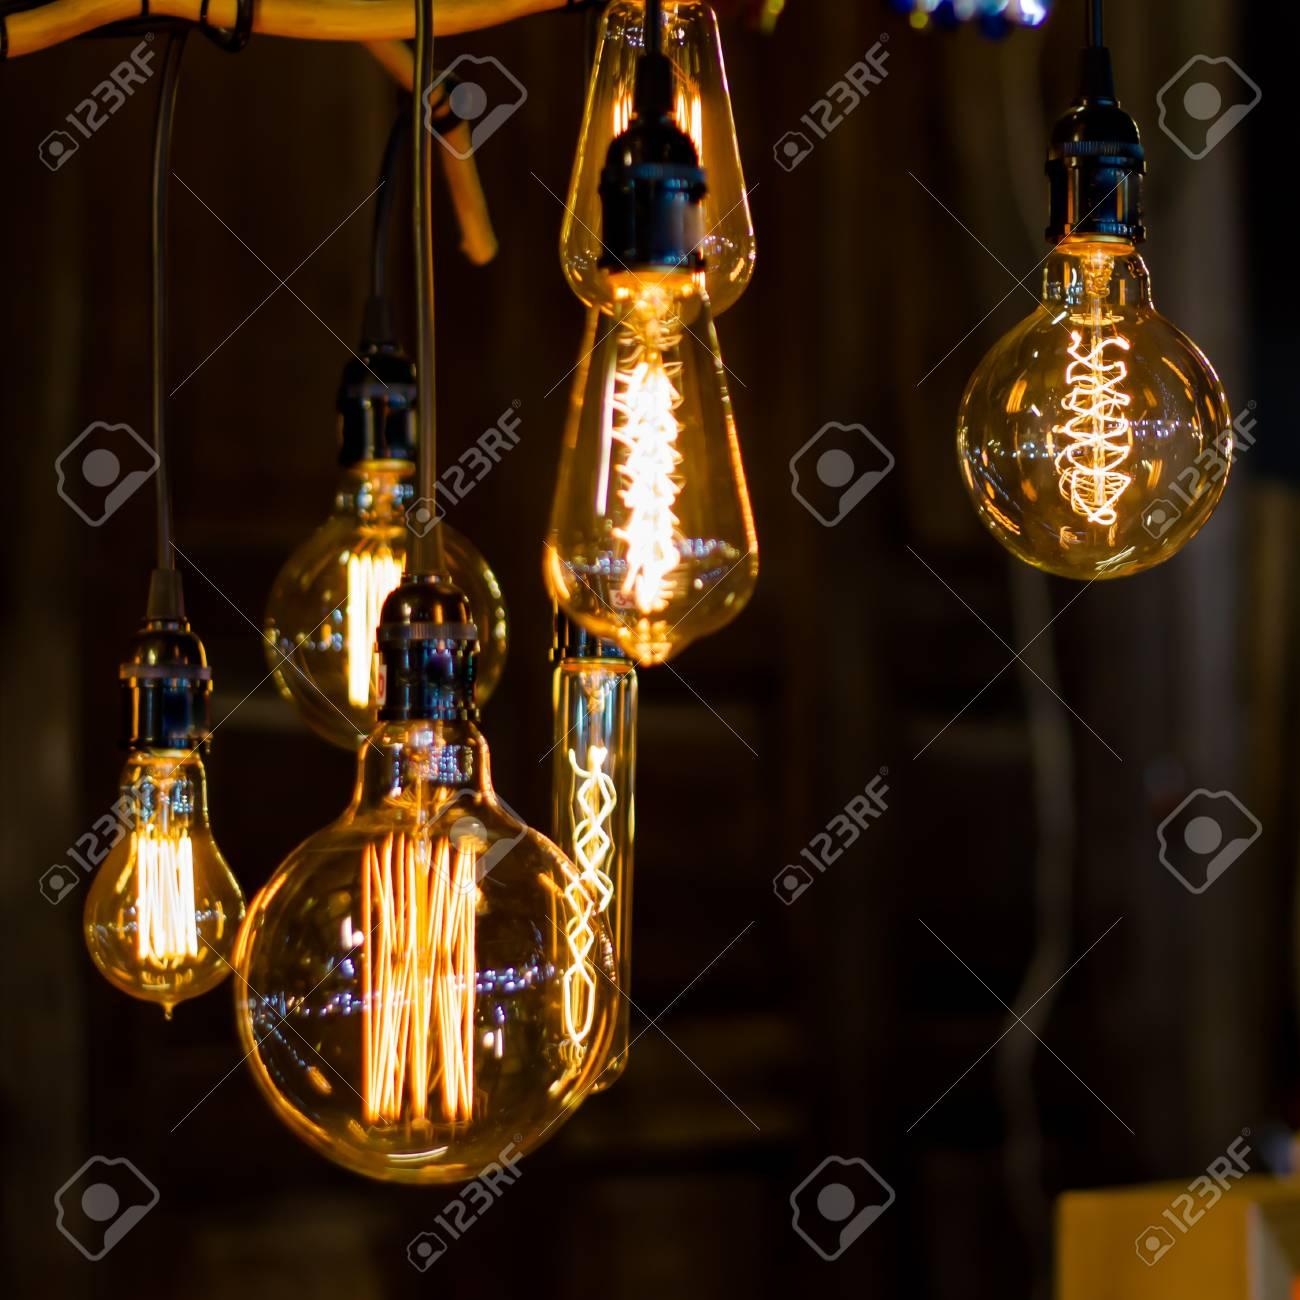 Mit Der Vintage Lampe Dekoriert Strassenstande Lizenzfreie Fotos